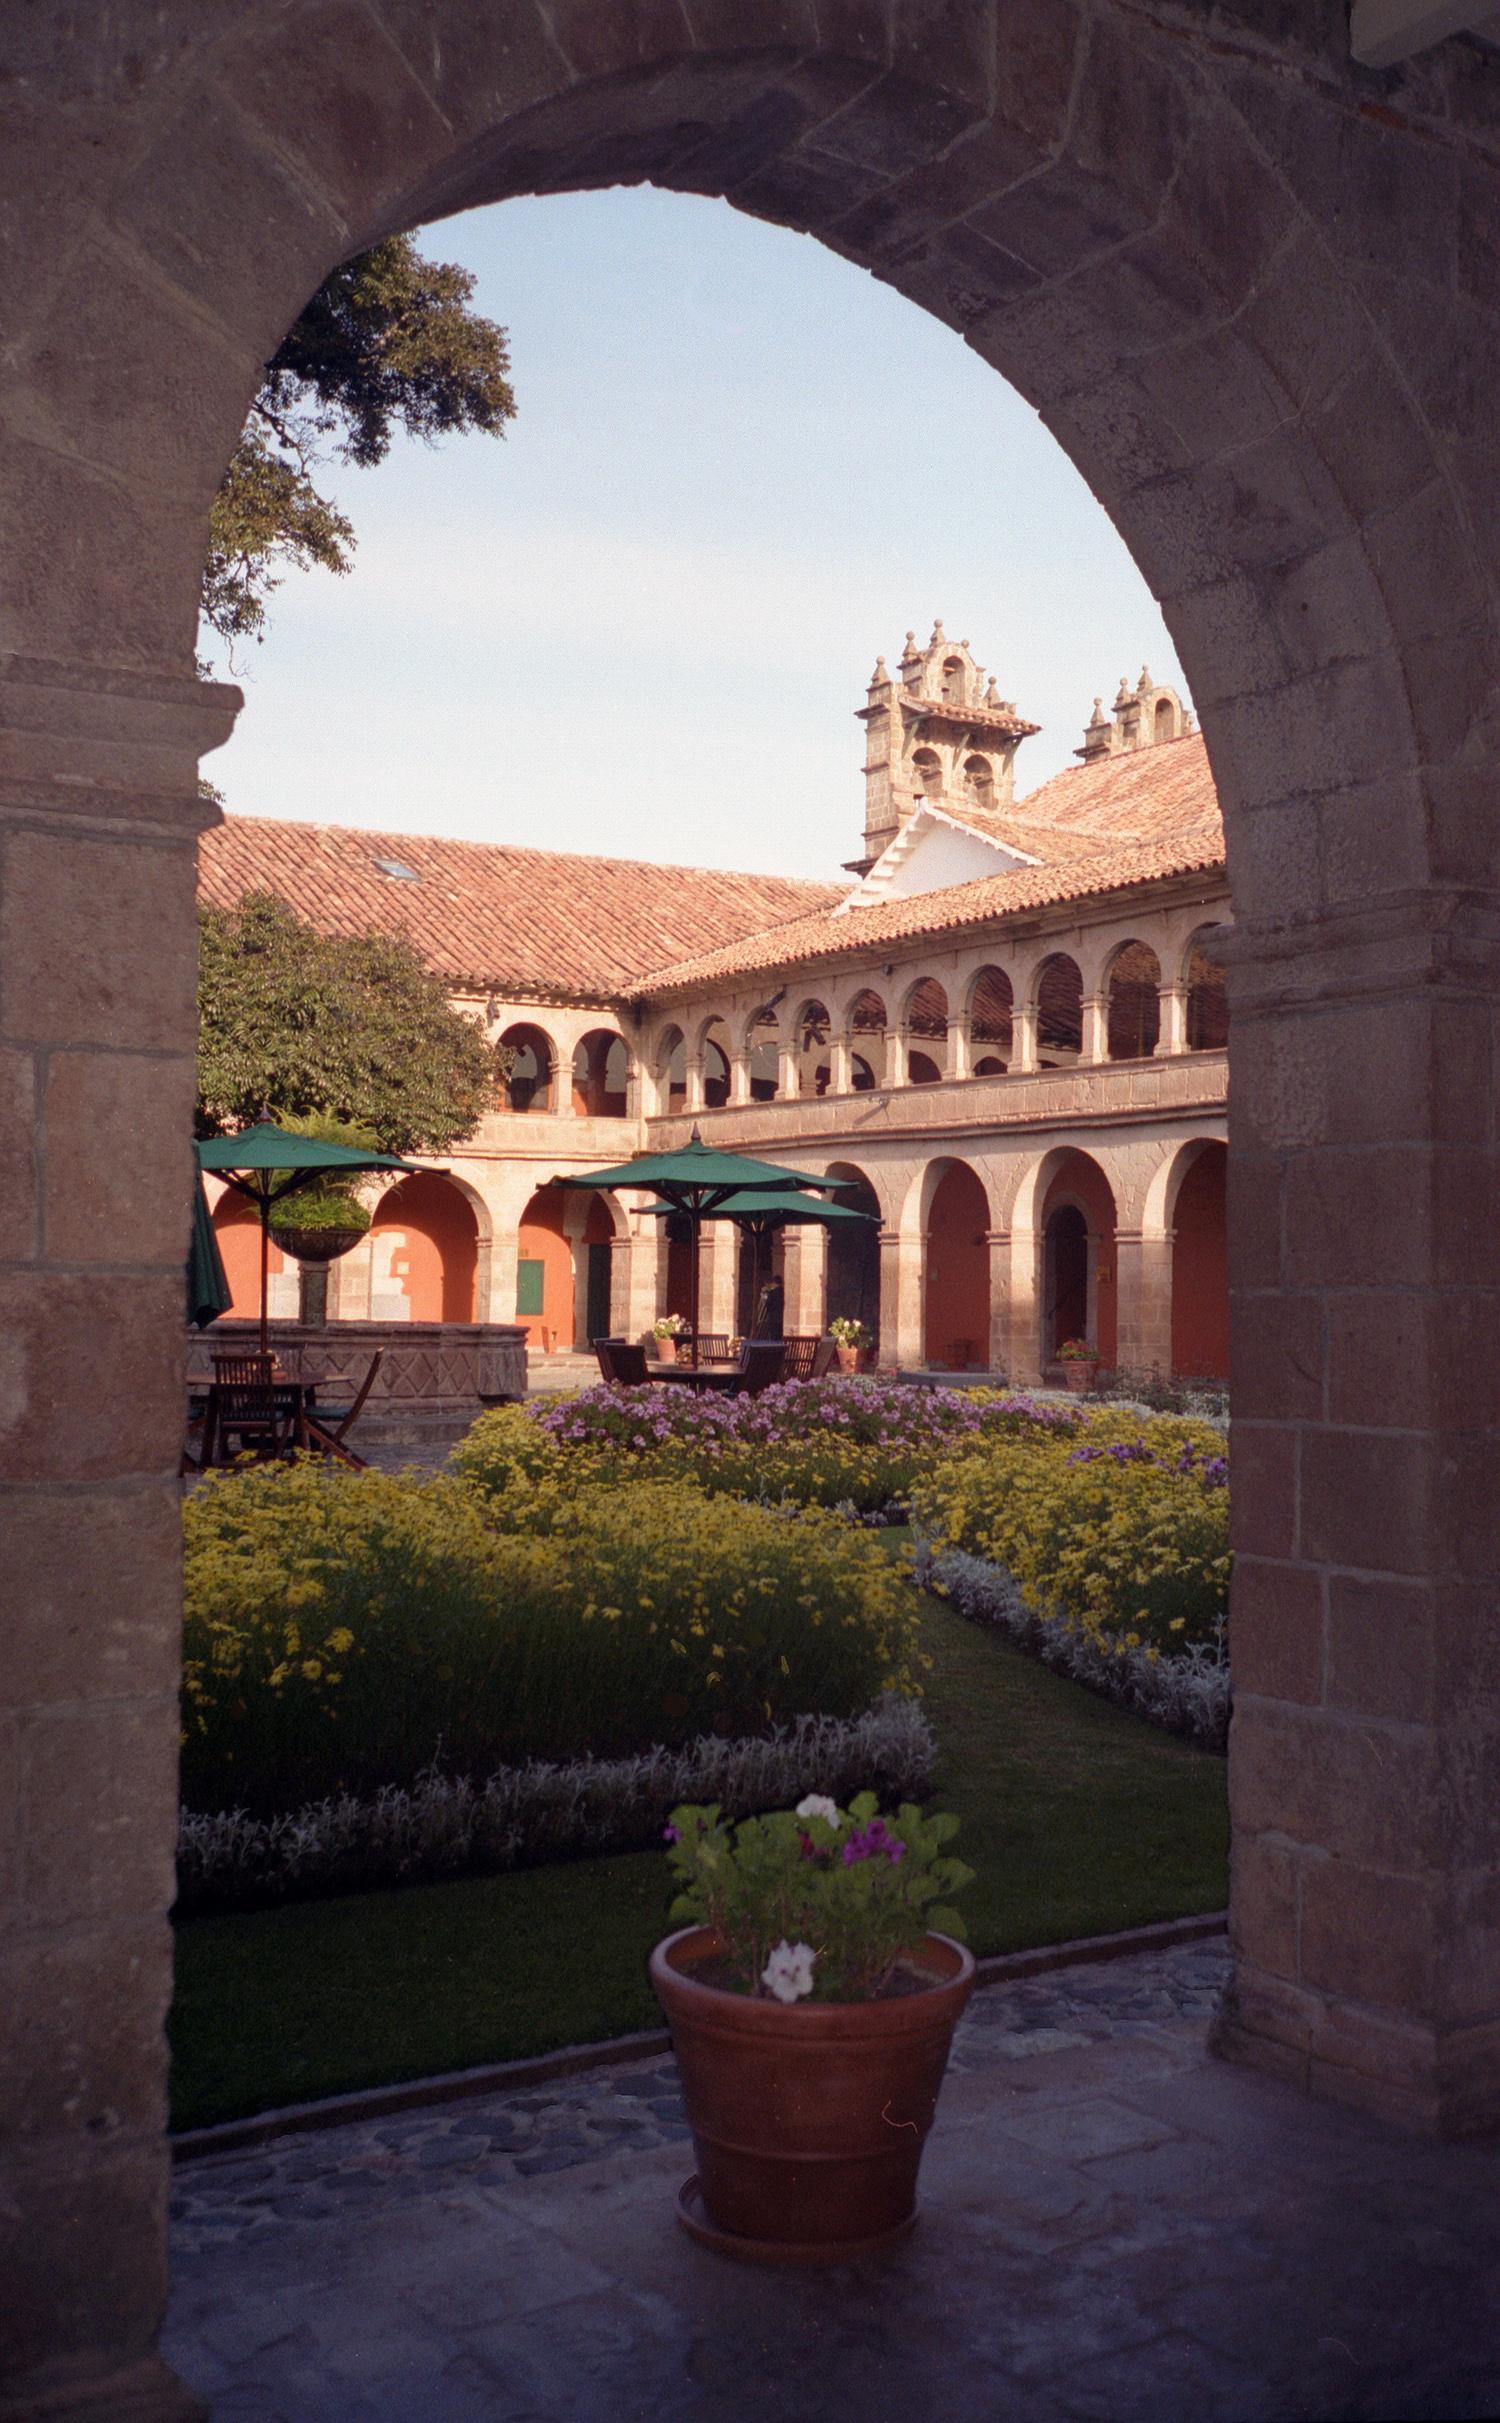 The Hotel Monasterio